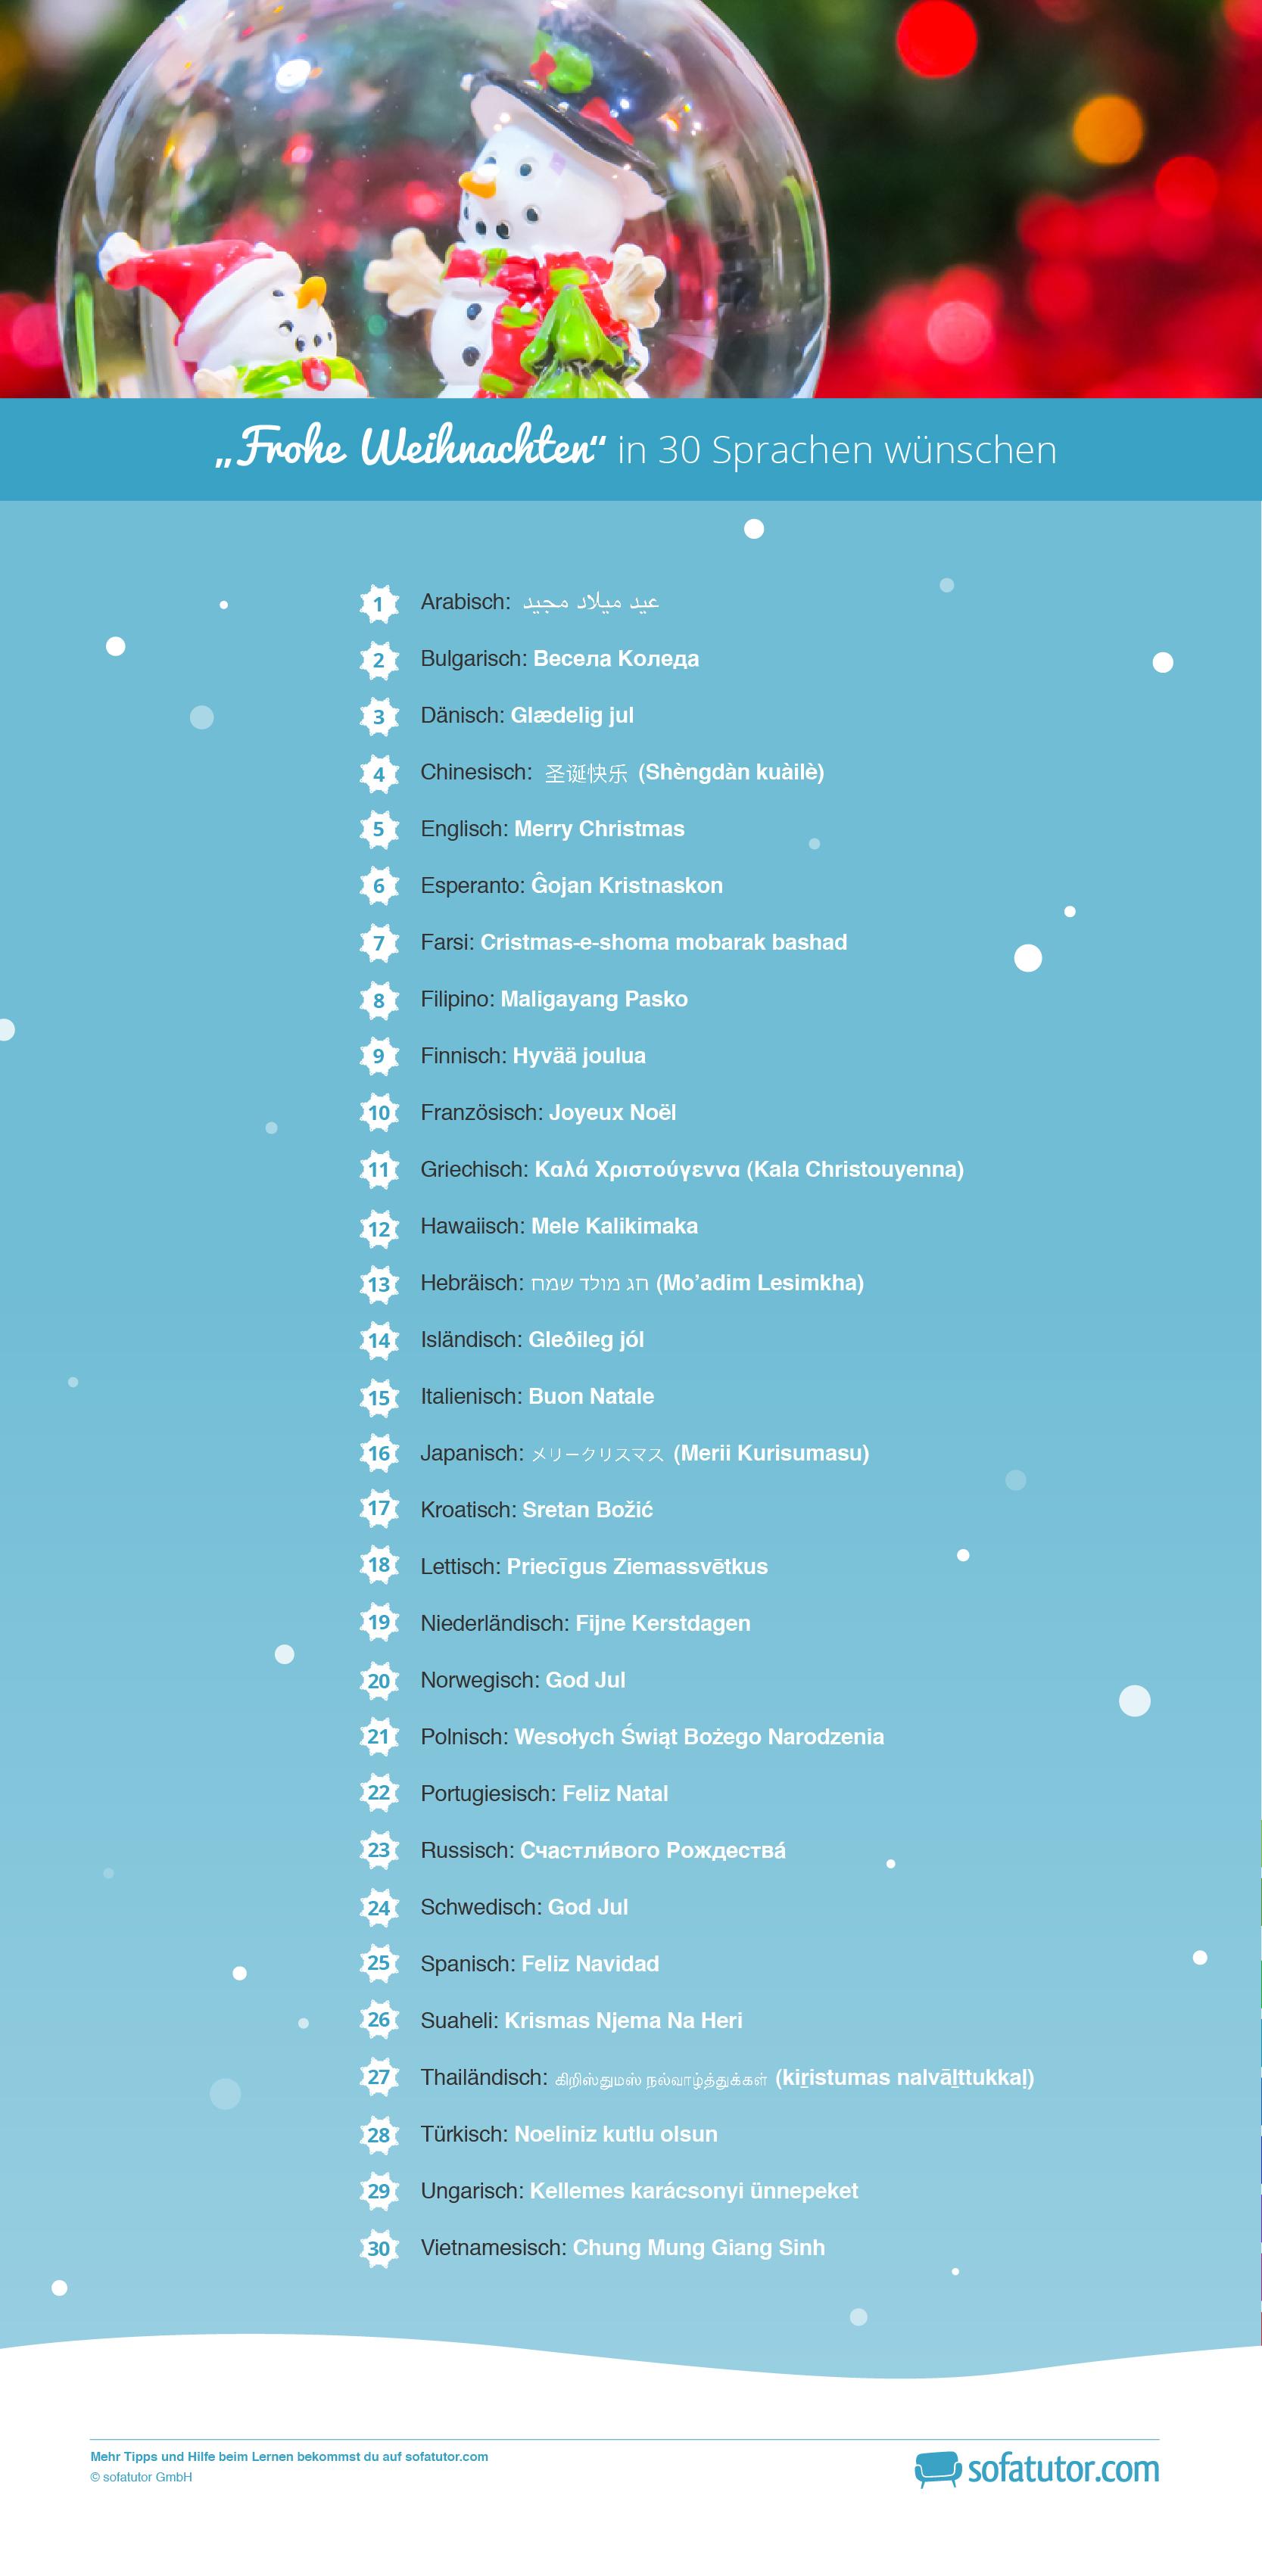 Frohe Weihnachten Verschiedene Sprachen Kostenlos.Besserwisser Frohe Weihnachten In 30 Sprachen Wunschen